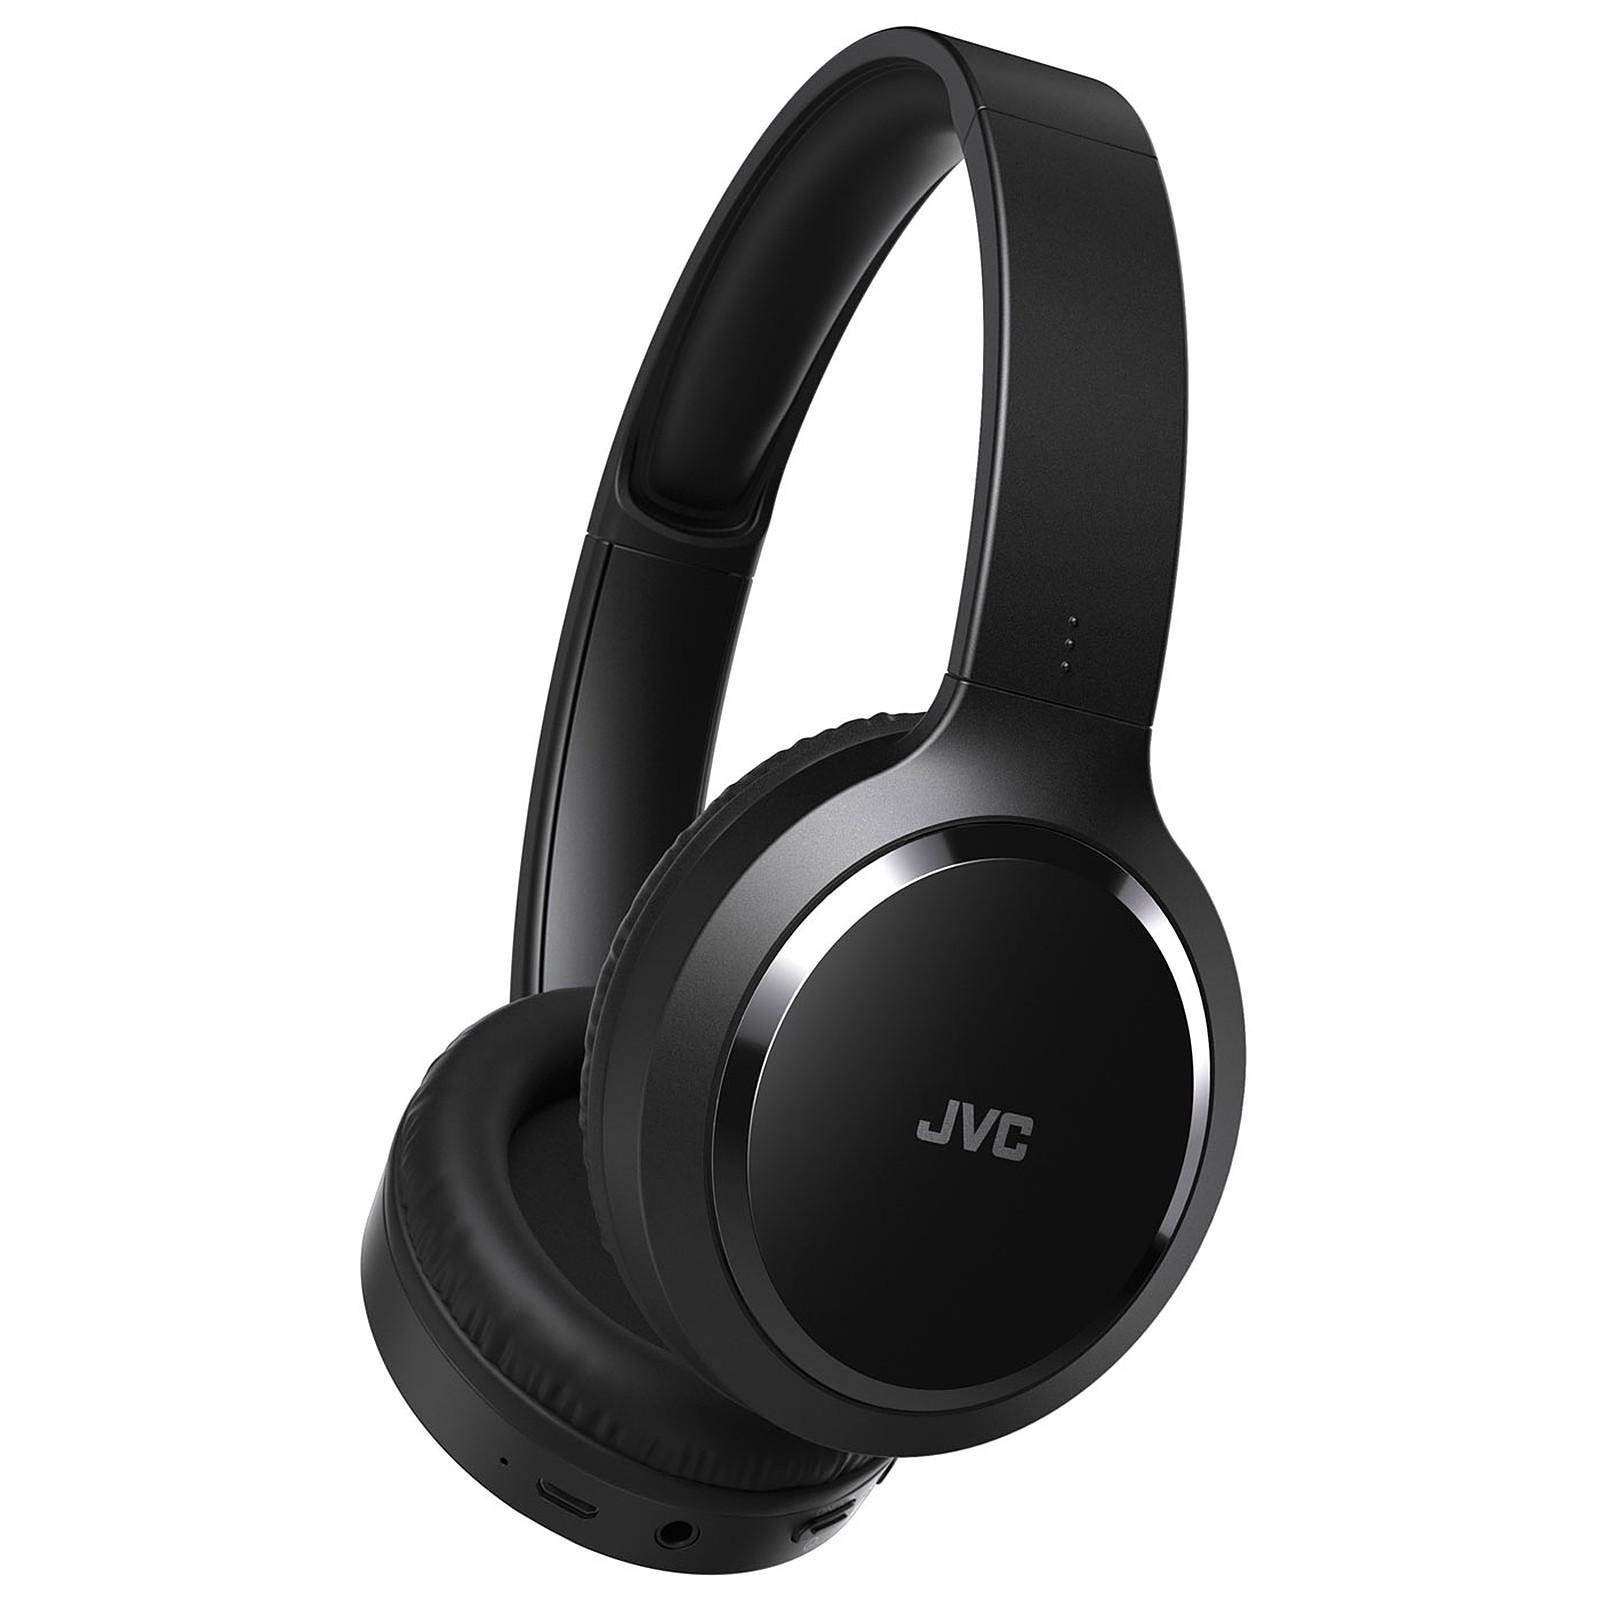 casque bluetooth sans fil à réduction de bruit jvc ha-s80bn-b-e